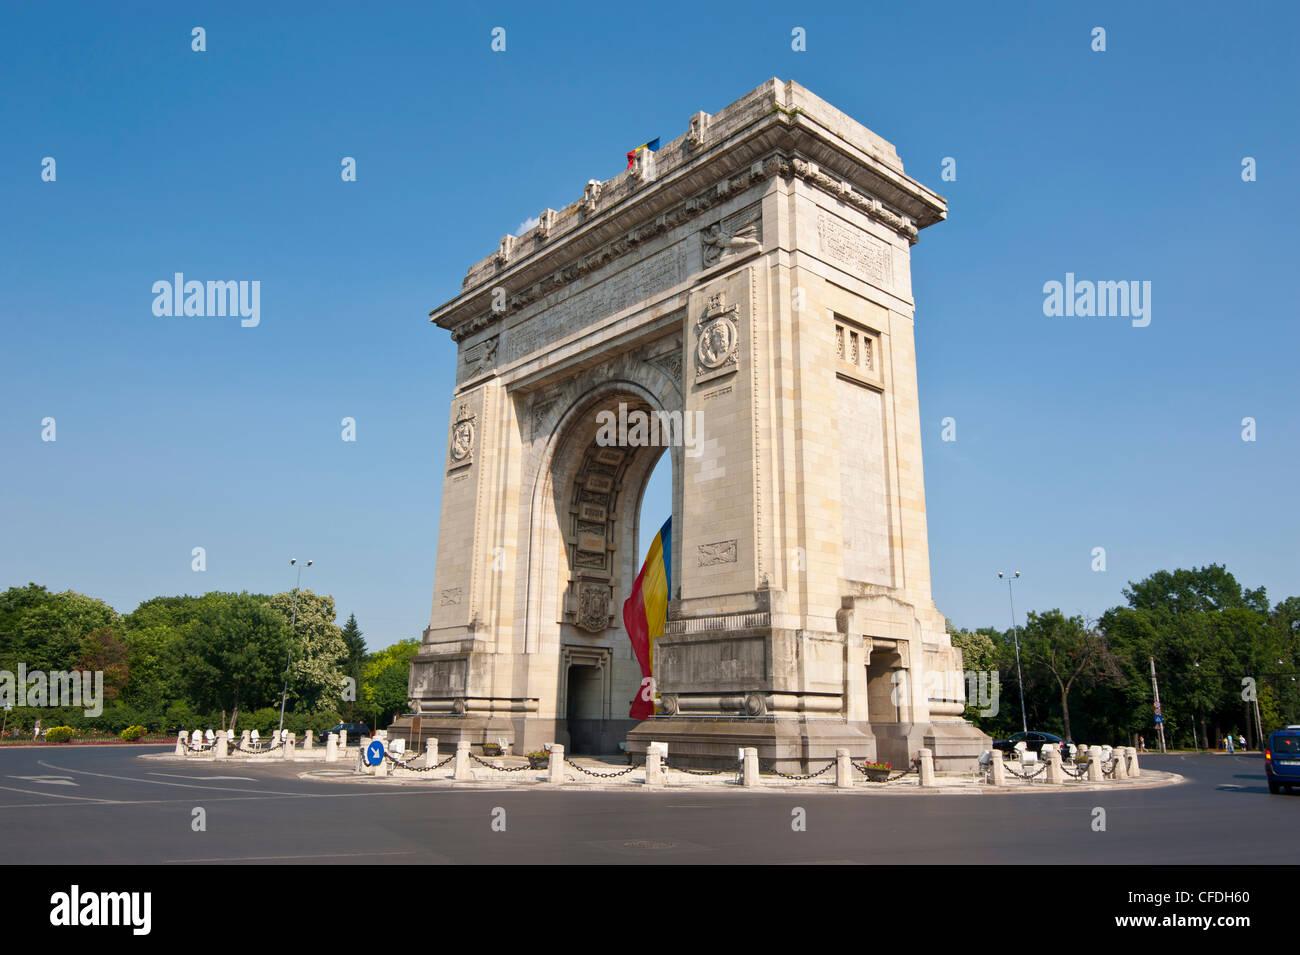 Arcul de Triumf (Triumphal Arch), Bucharest, Romania, Europe - Stock Image